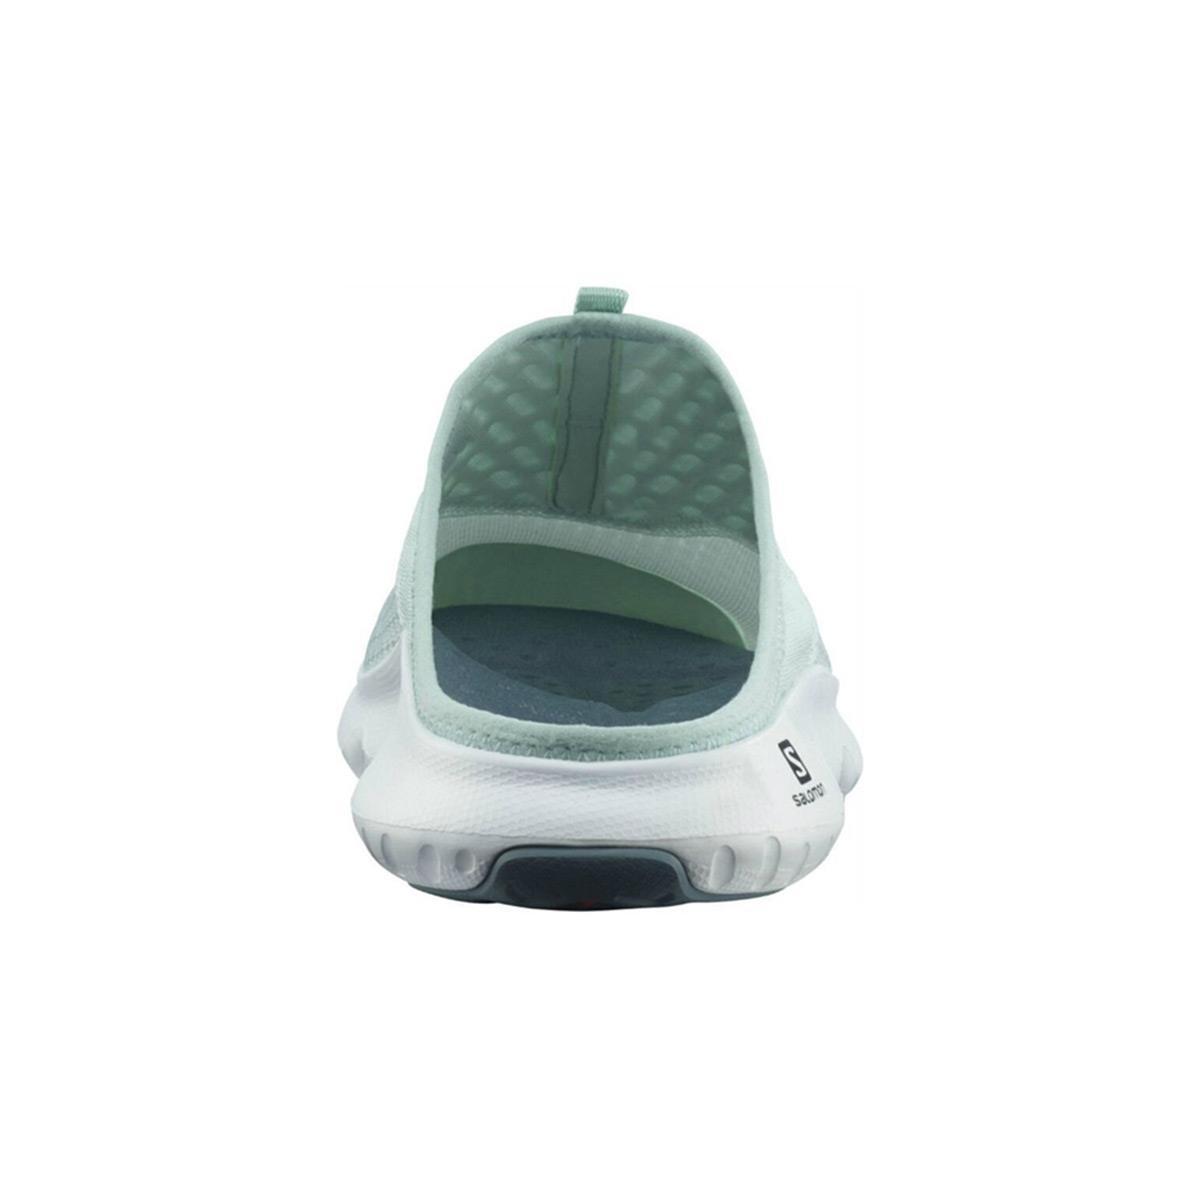 Salomon REELAX SLIDE  5.0 W Bayan Ayakkabısı L41278700